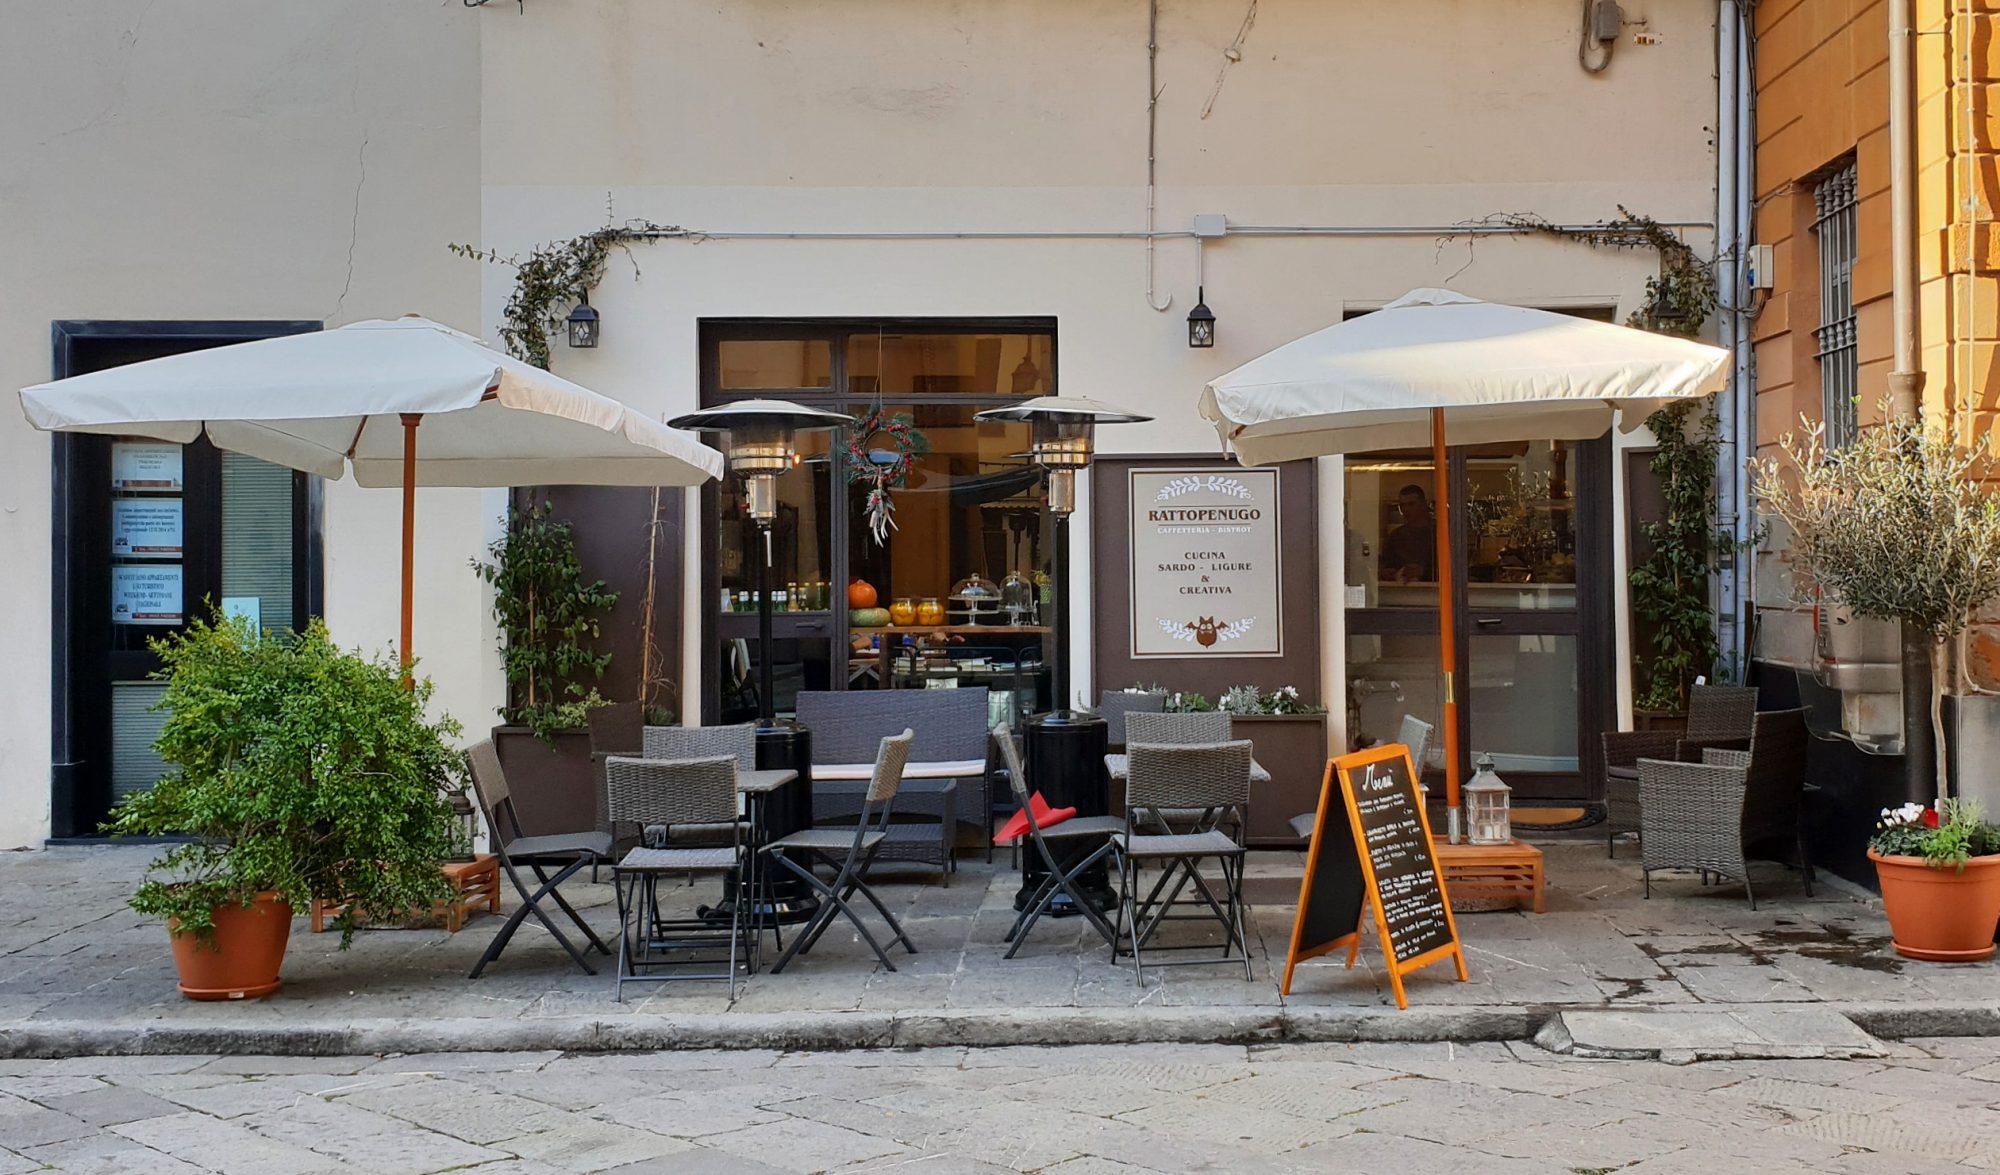 Piazza San Michele Albenga